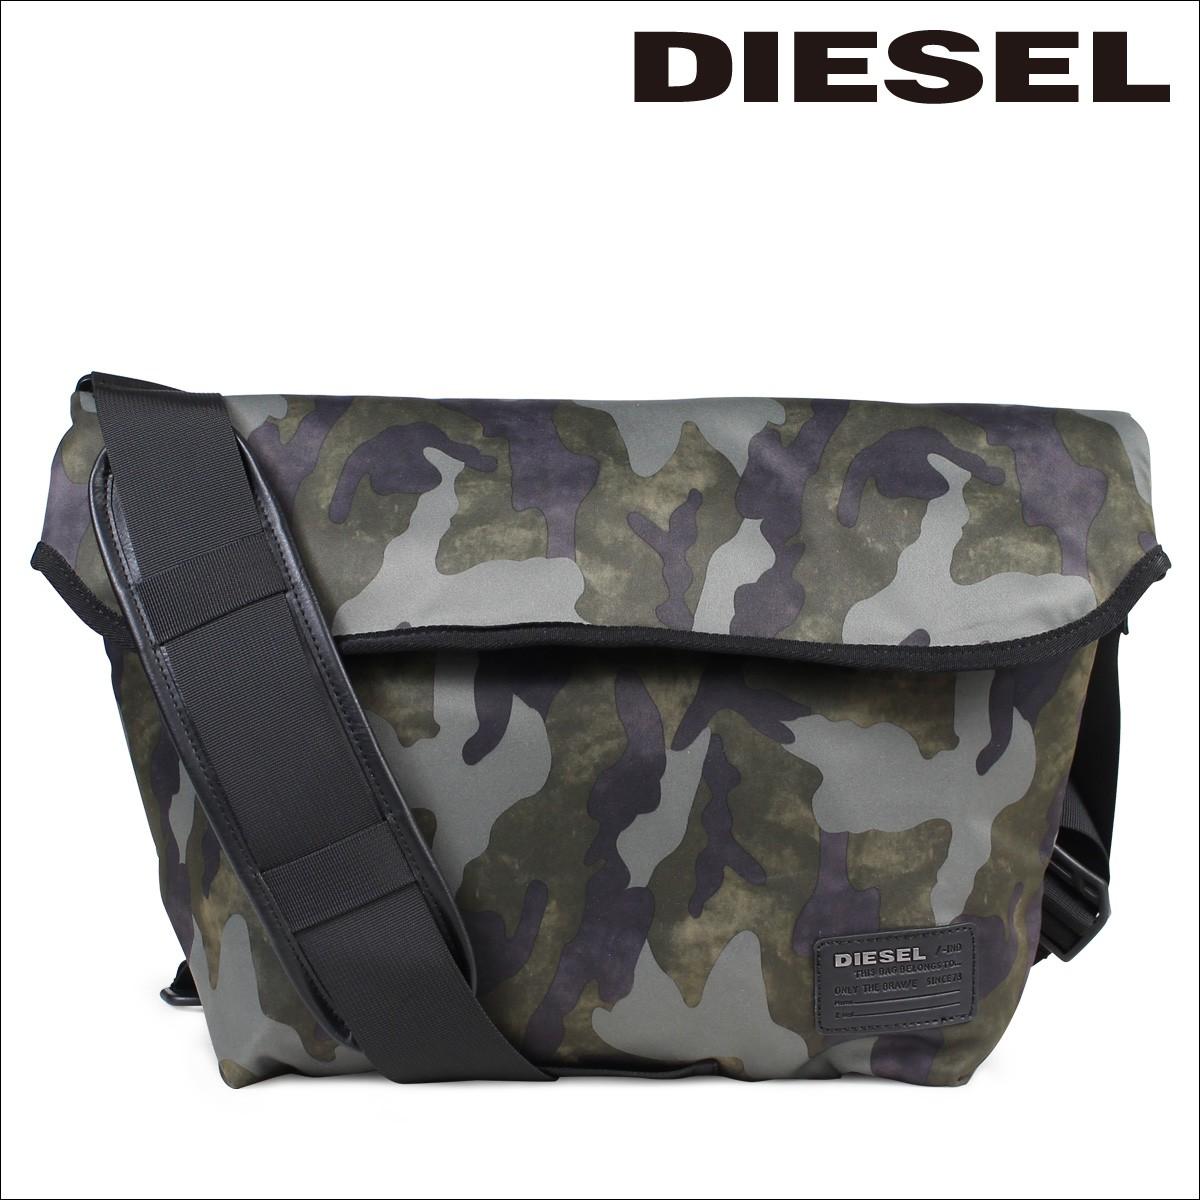 ディーゼル DIESEL バッグ ショルダーバッグ メンズ レディース メッセンジャーバッグ F-CLOSE CROSS X04326 PR027 H5254 カモフラージュ